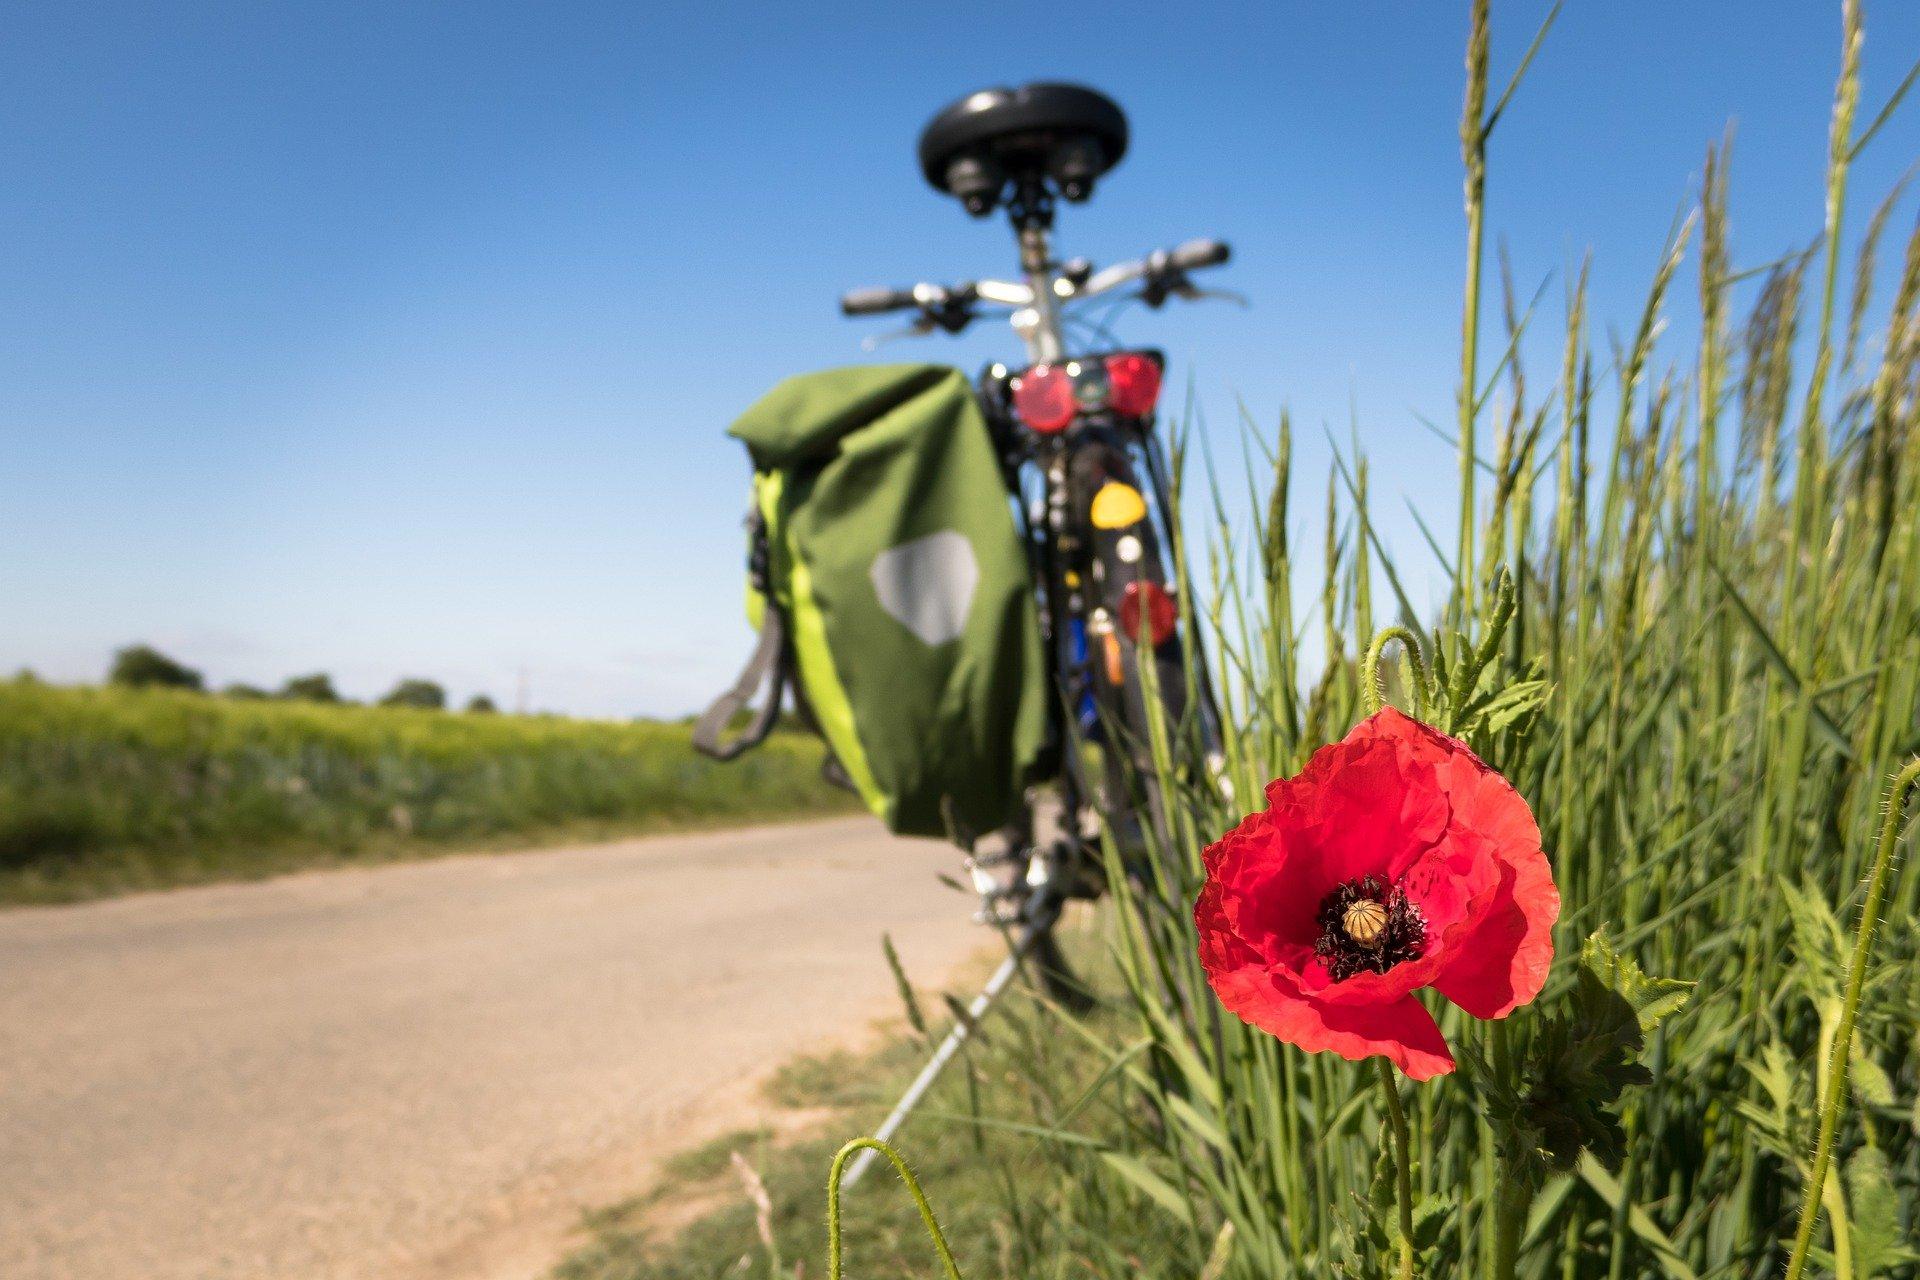 La Ceja y Palmira, dos municipios bicicleteros que buscan contribuir a la movilidad sostenible en Colombia